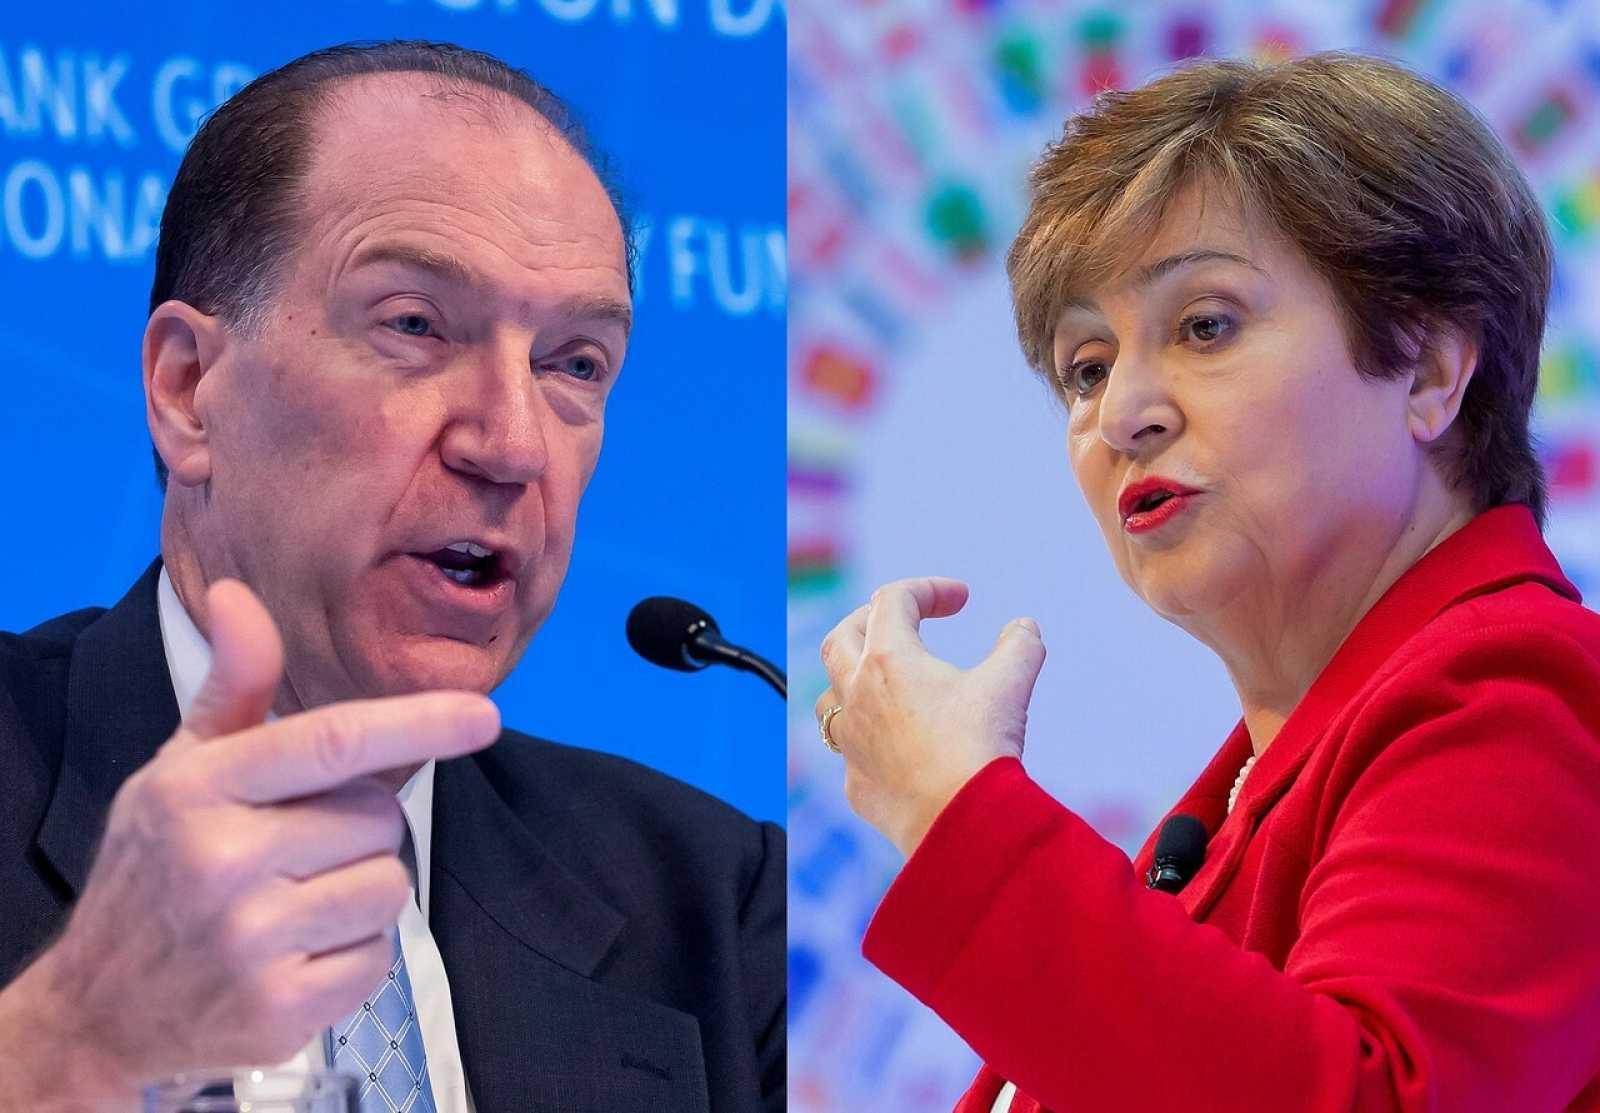 El presidente del Grupo del Banco Mundial, David Malpass y la directora gerente del Fondo Monetario Internacional, Kristalina Georgieva, en conferencias de prensa durante las Reuniones Anueales.